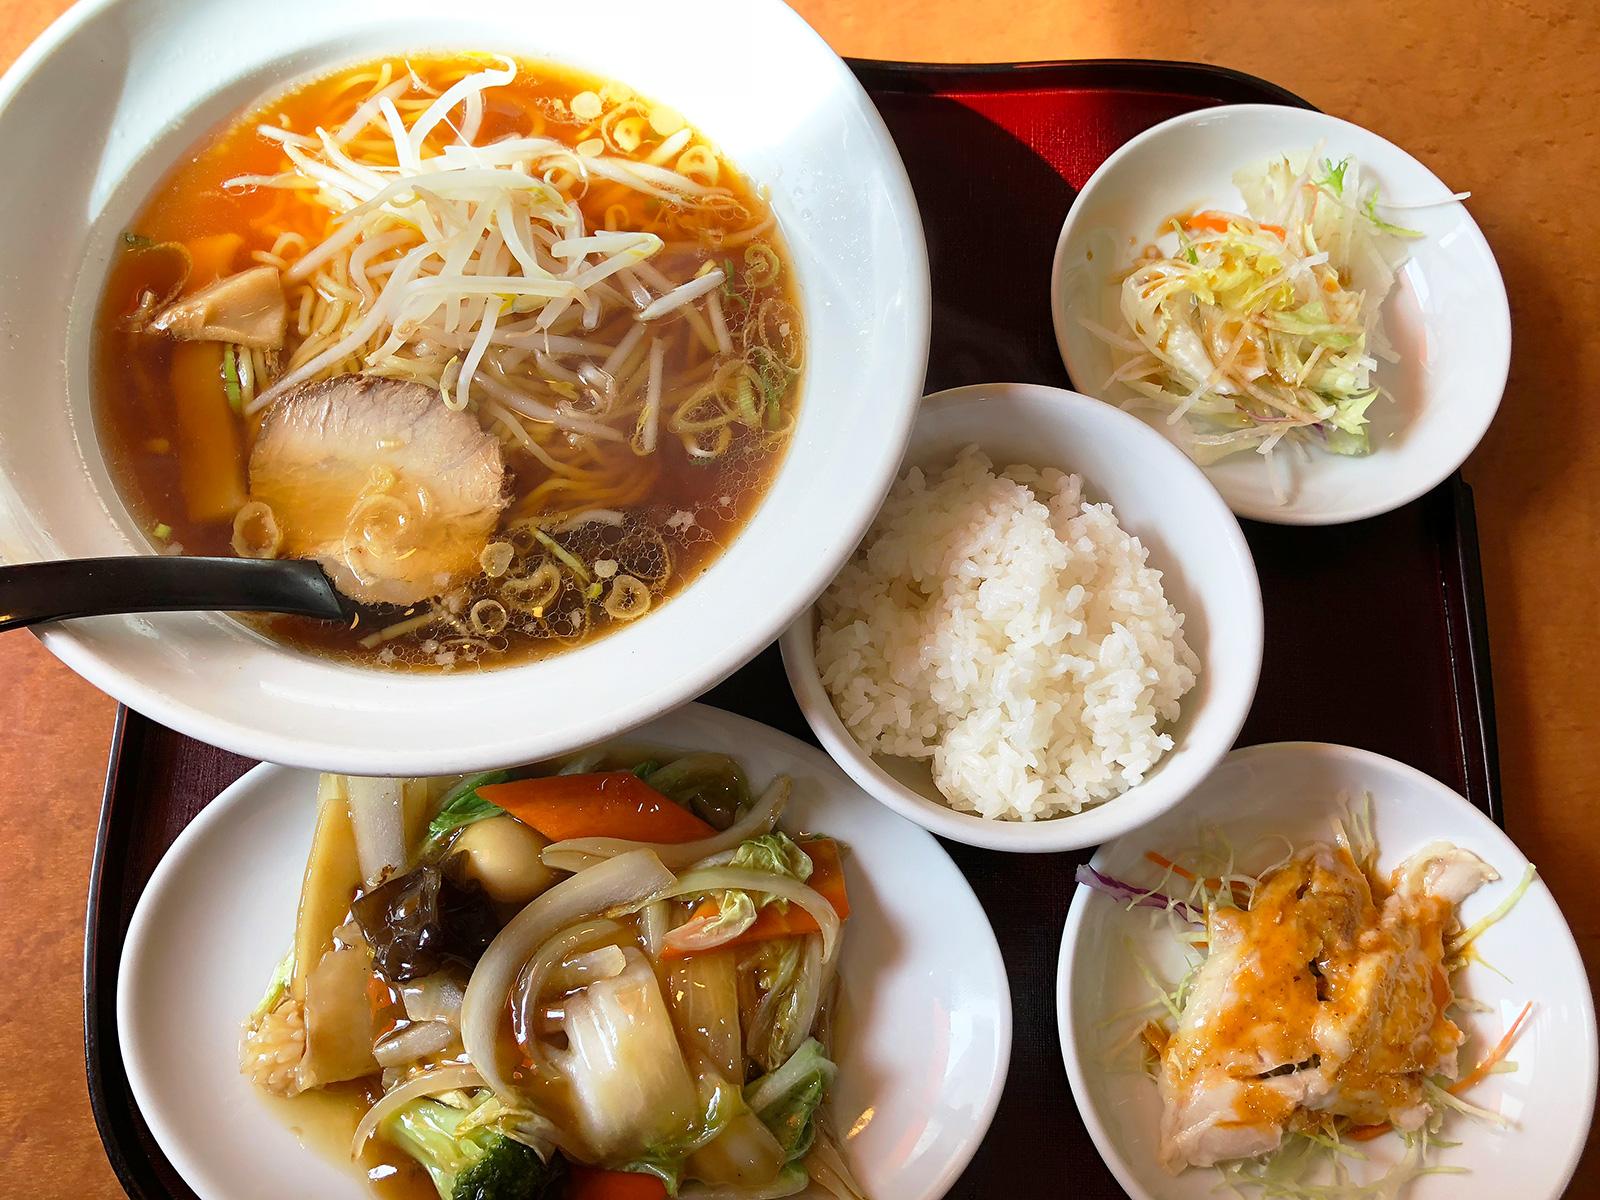 「中国料理 群つる」の八宝菜ランチ @新川